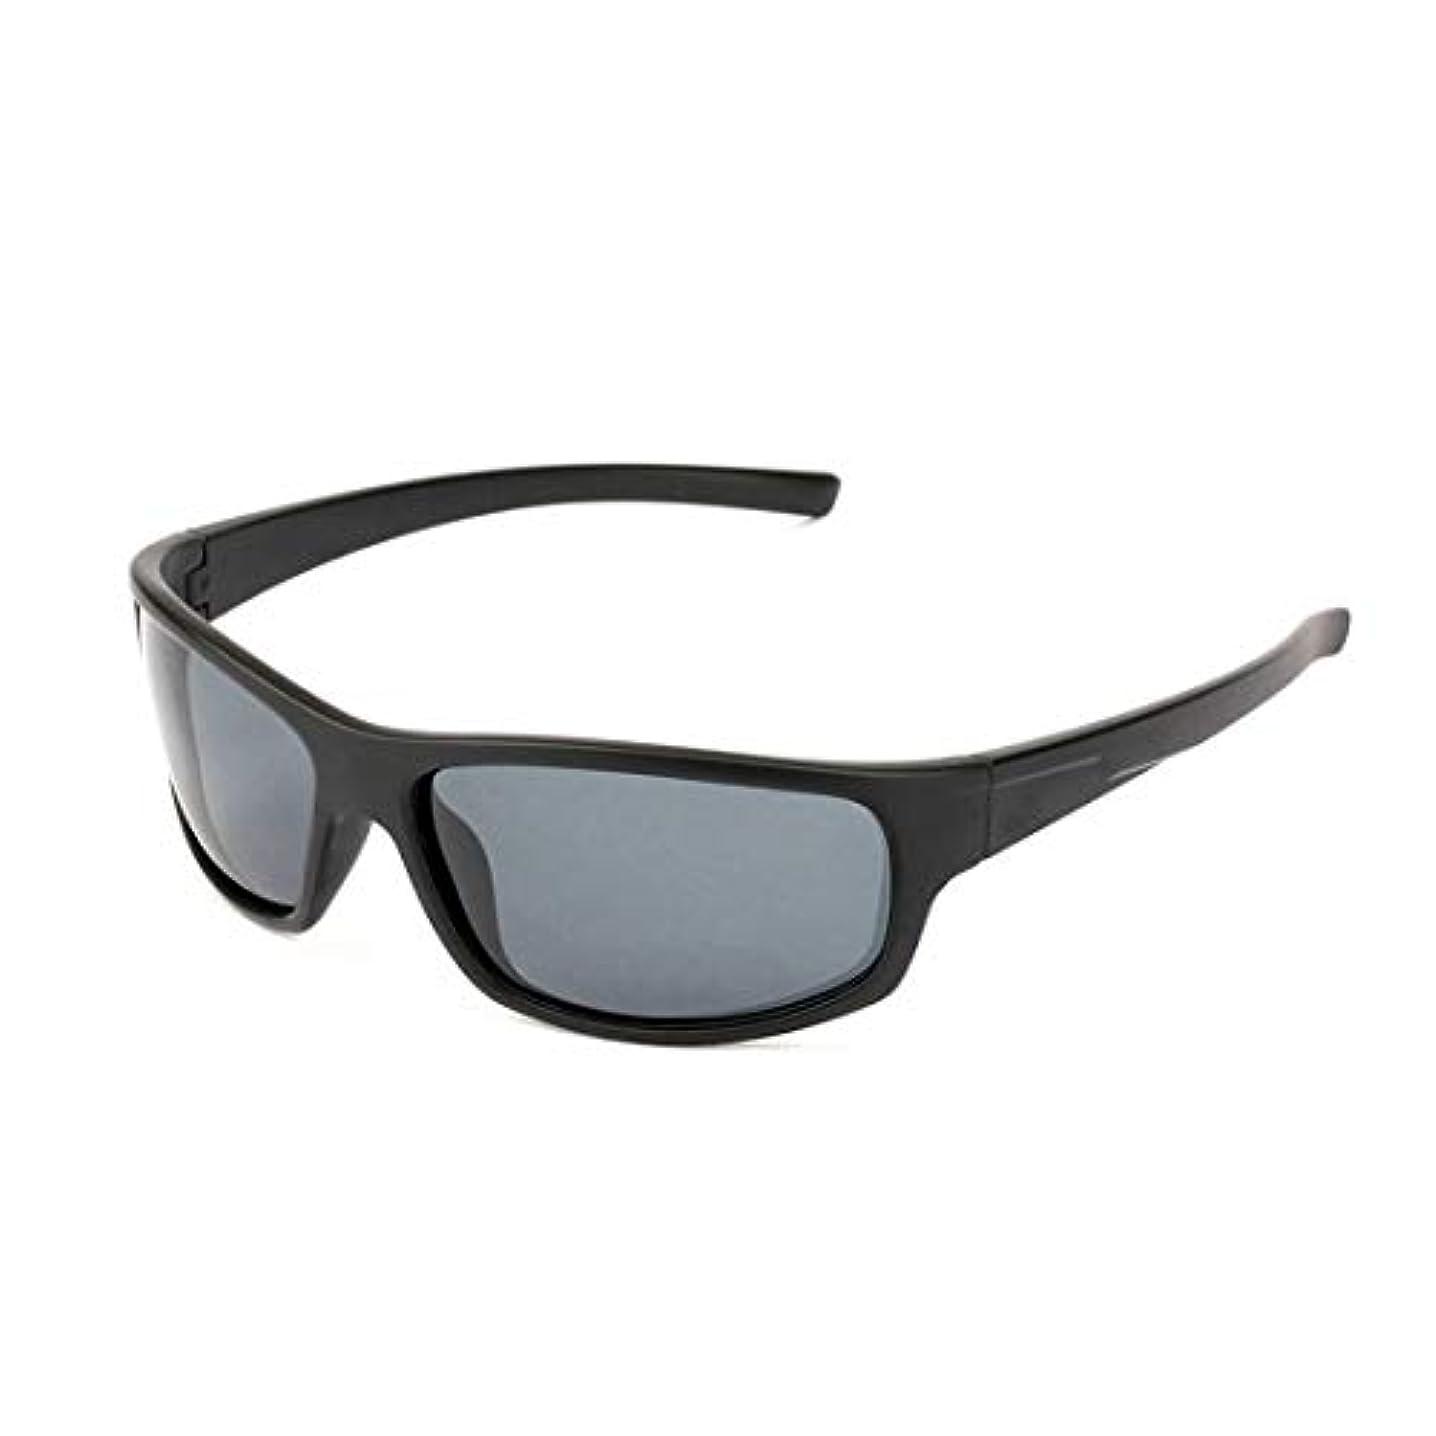 傾いた構造的ミスサングラス スモールレンズレトロスポーツサングラス用女性男性耐久性のある偏光UV400保護運転サイクリングランニング釣りゴルフサングラス, ファッションサングラス